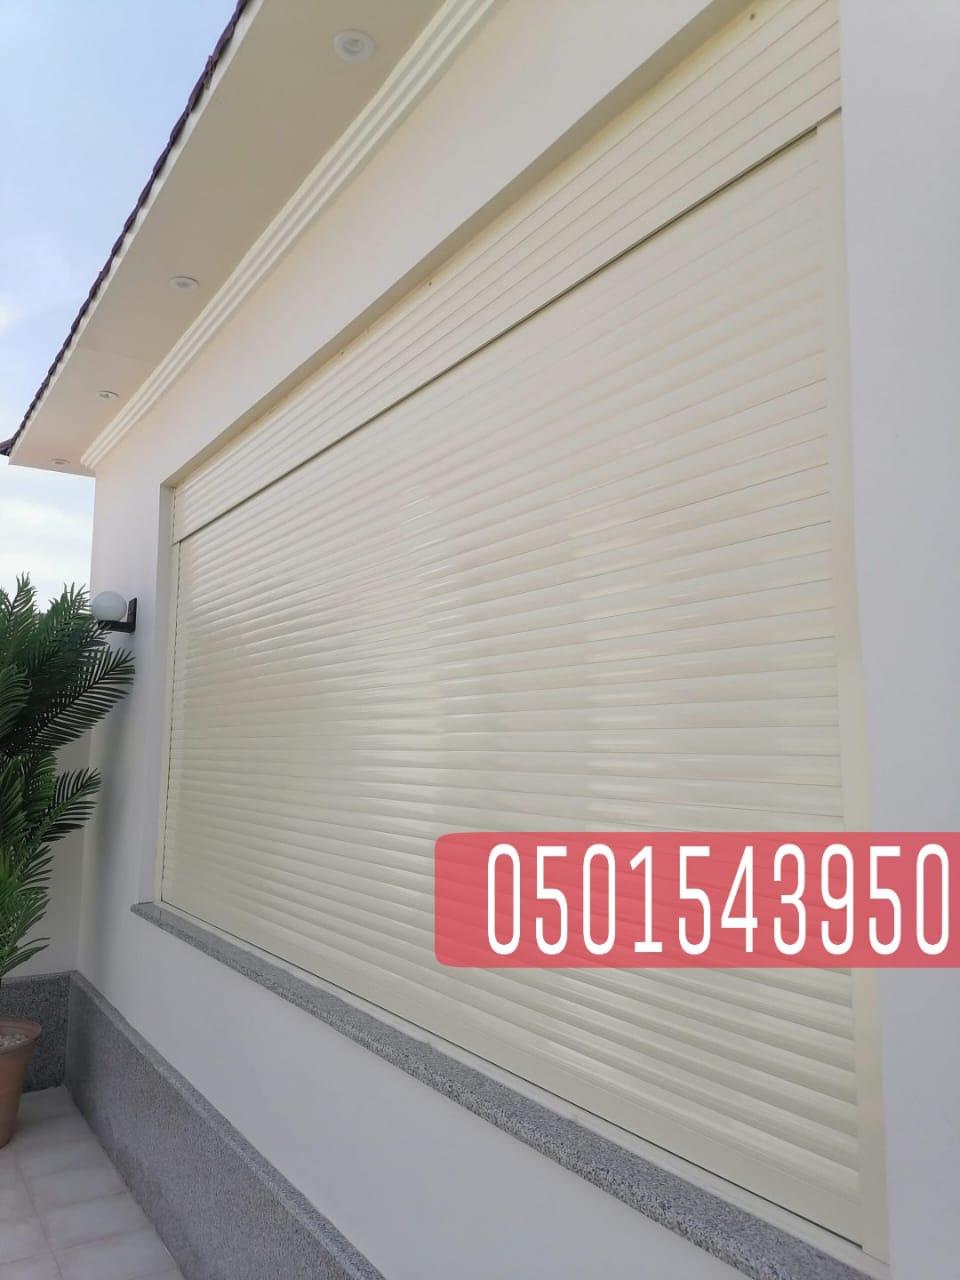 ورشة تركيب نوافذ شتر المنيوم , صيانة نوافذ في جدة , 0501543950 P_2077a5obd6